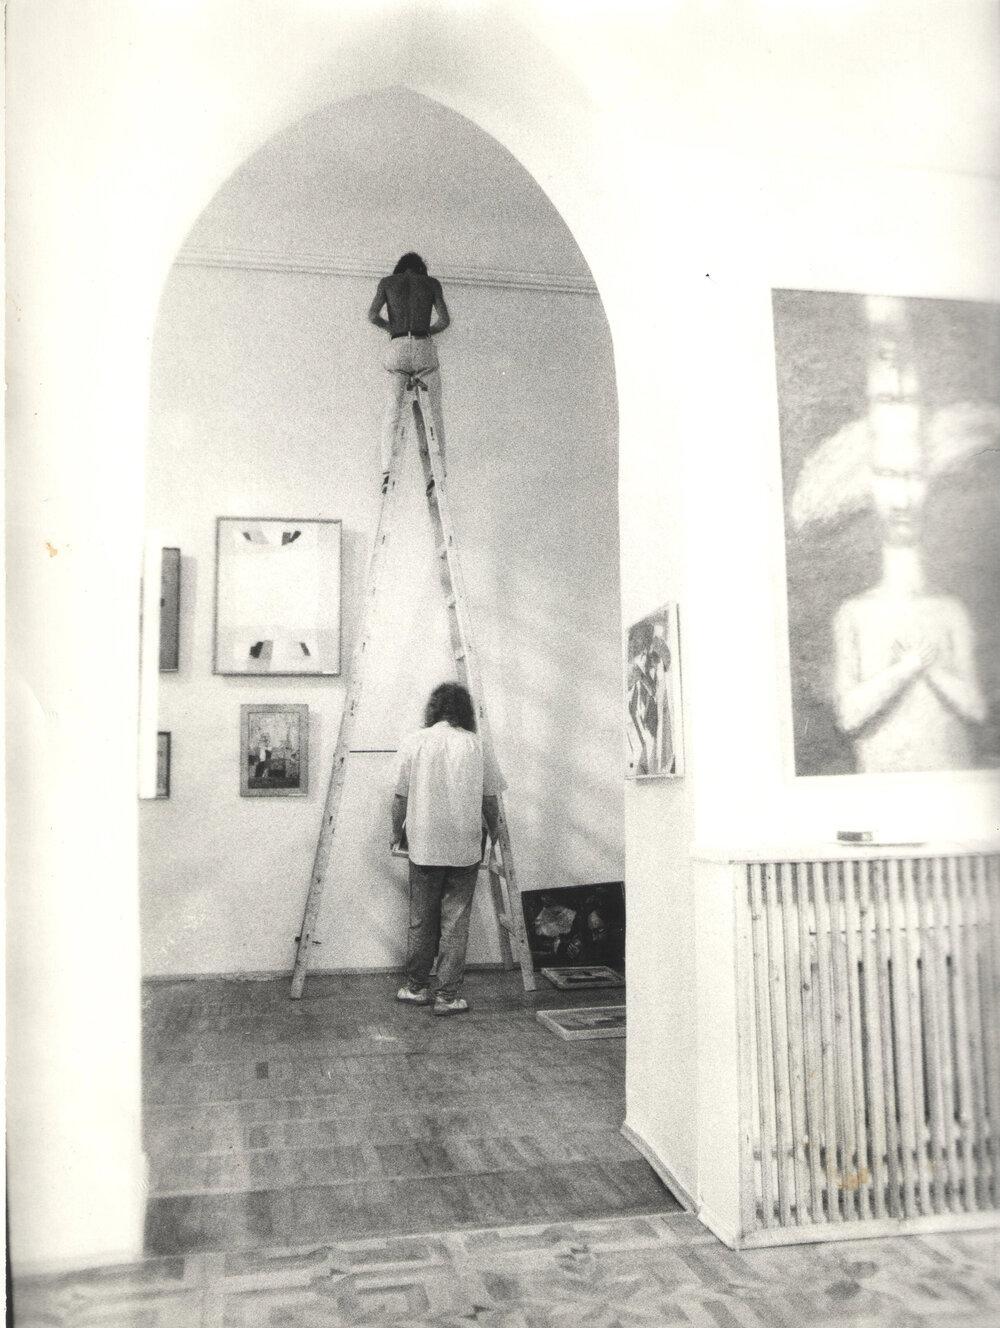 Монтаж выставки «Подозреваемая реальность», ТИРС, 1993. Фото из архива Музея современного искусства Одессы